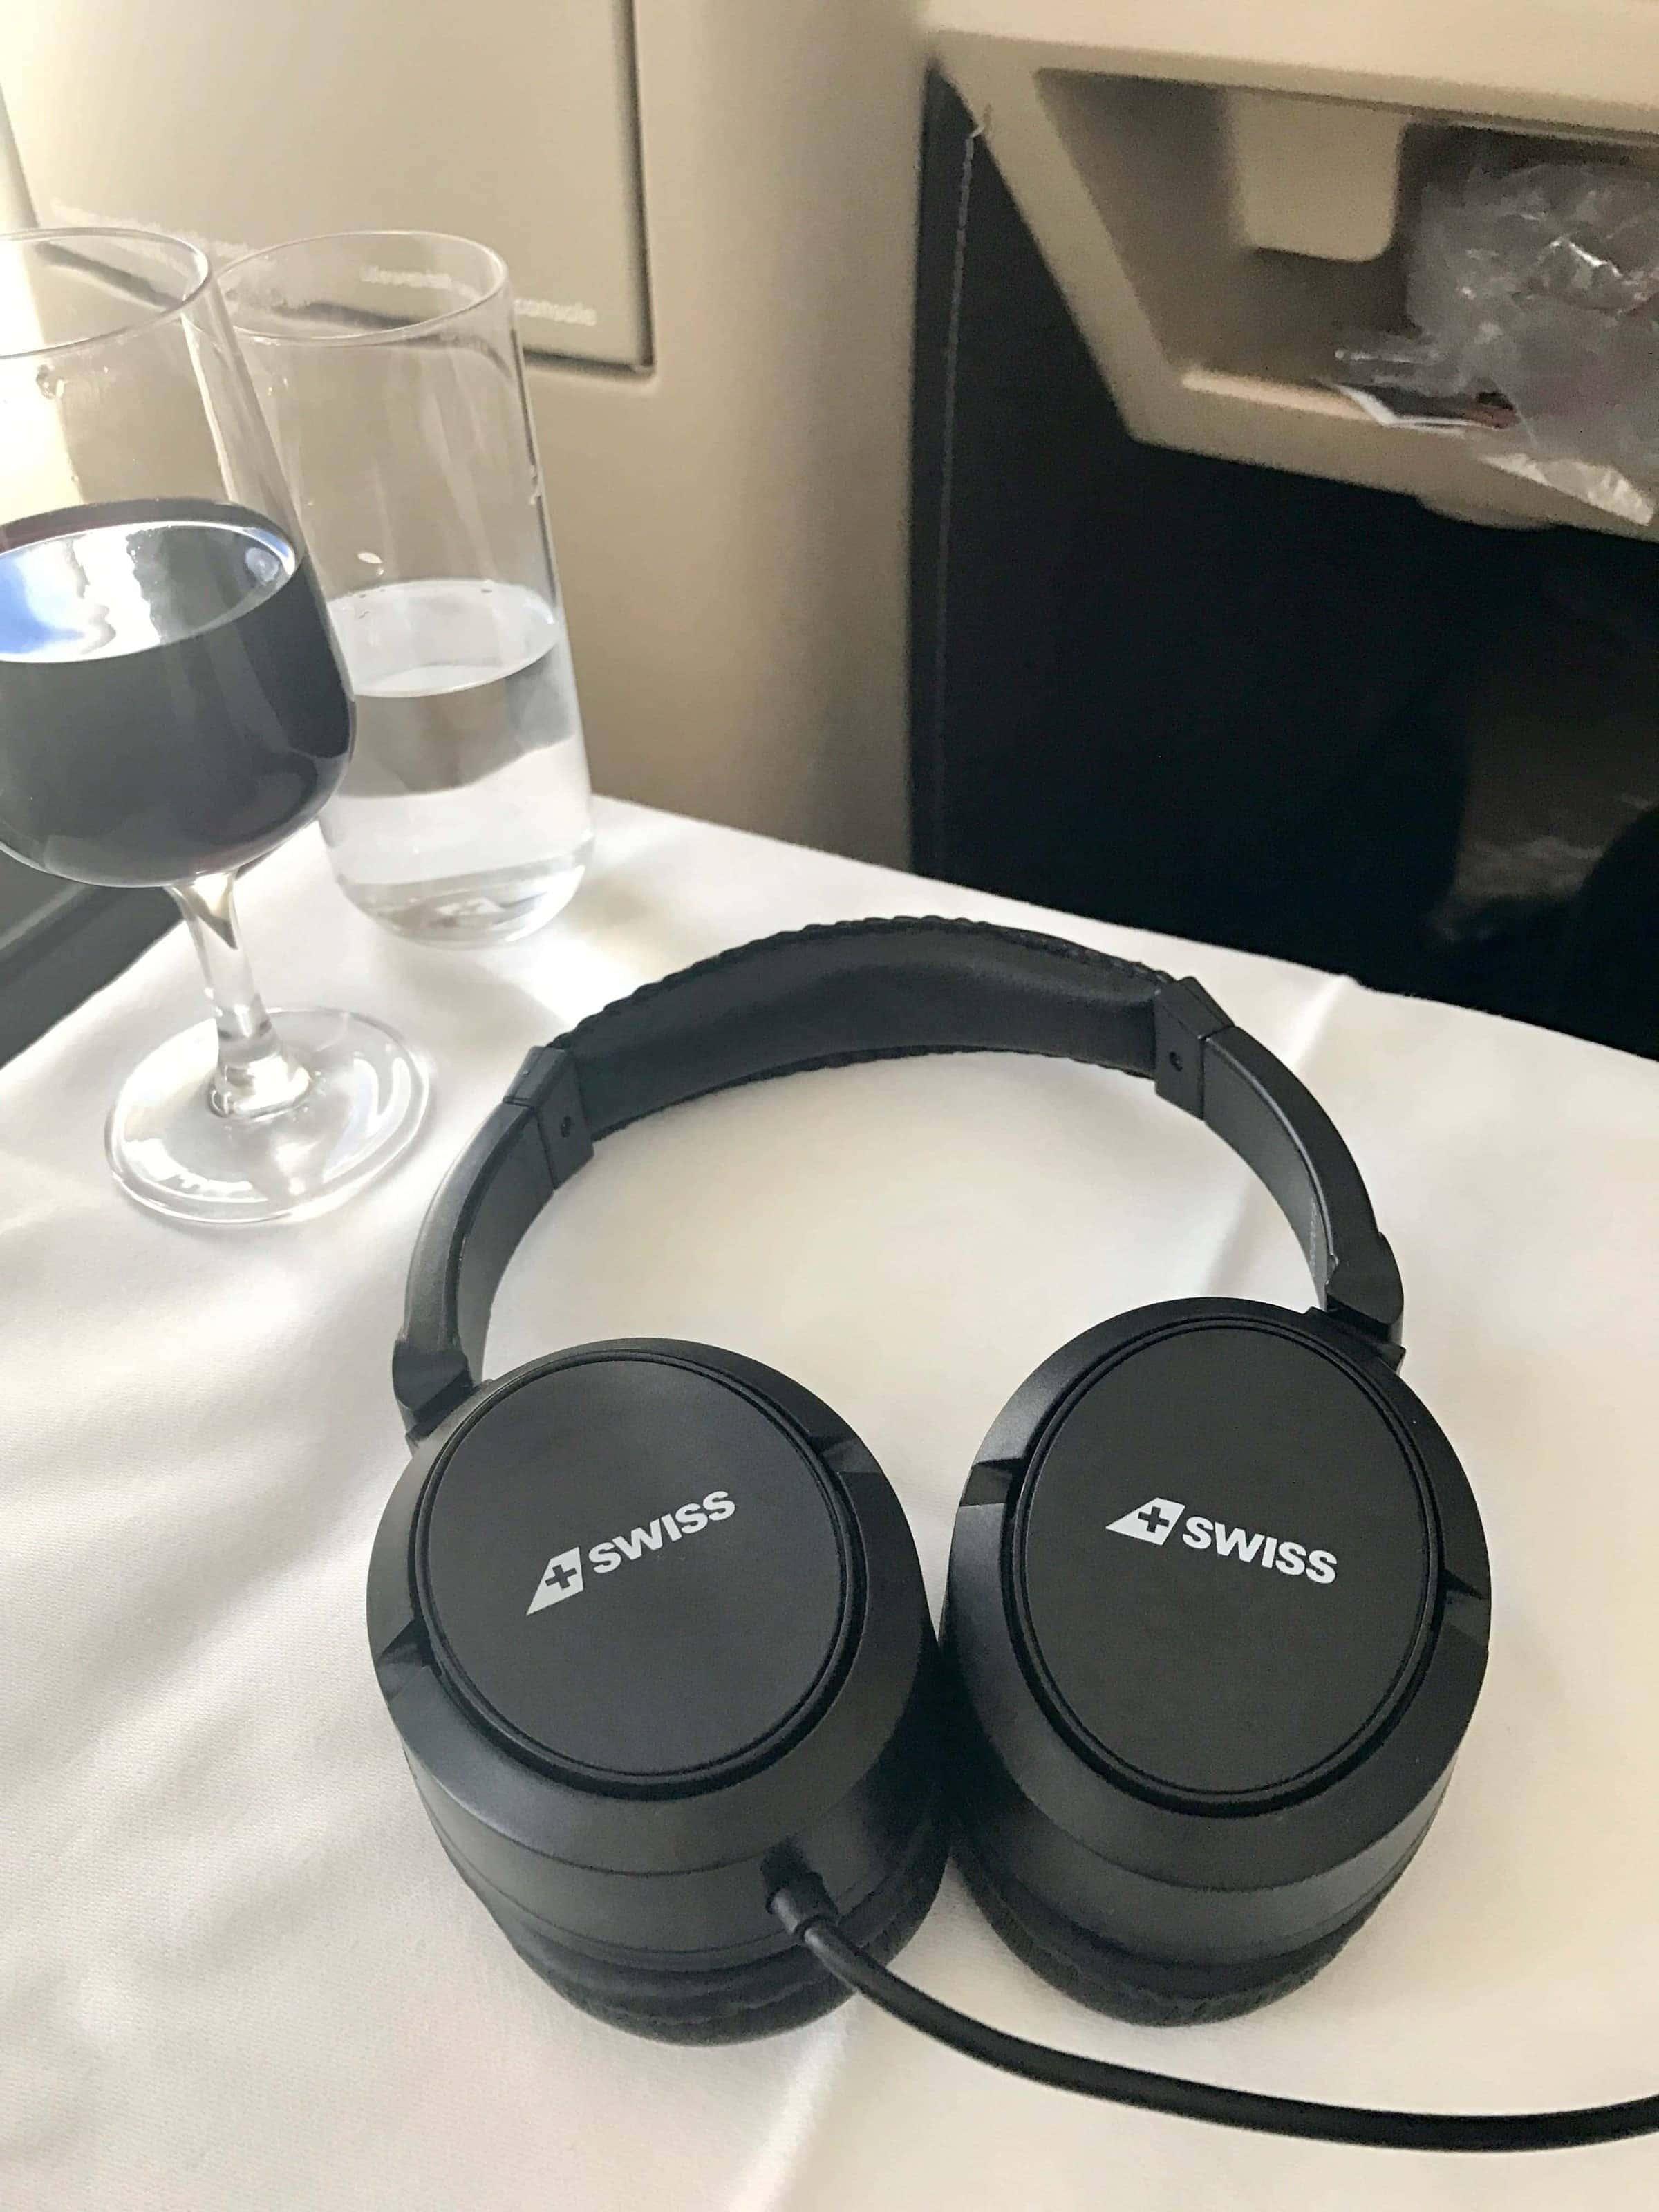 Kopfhörer SWISS Business Class